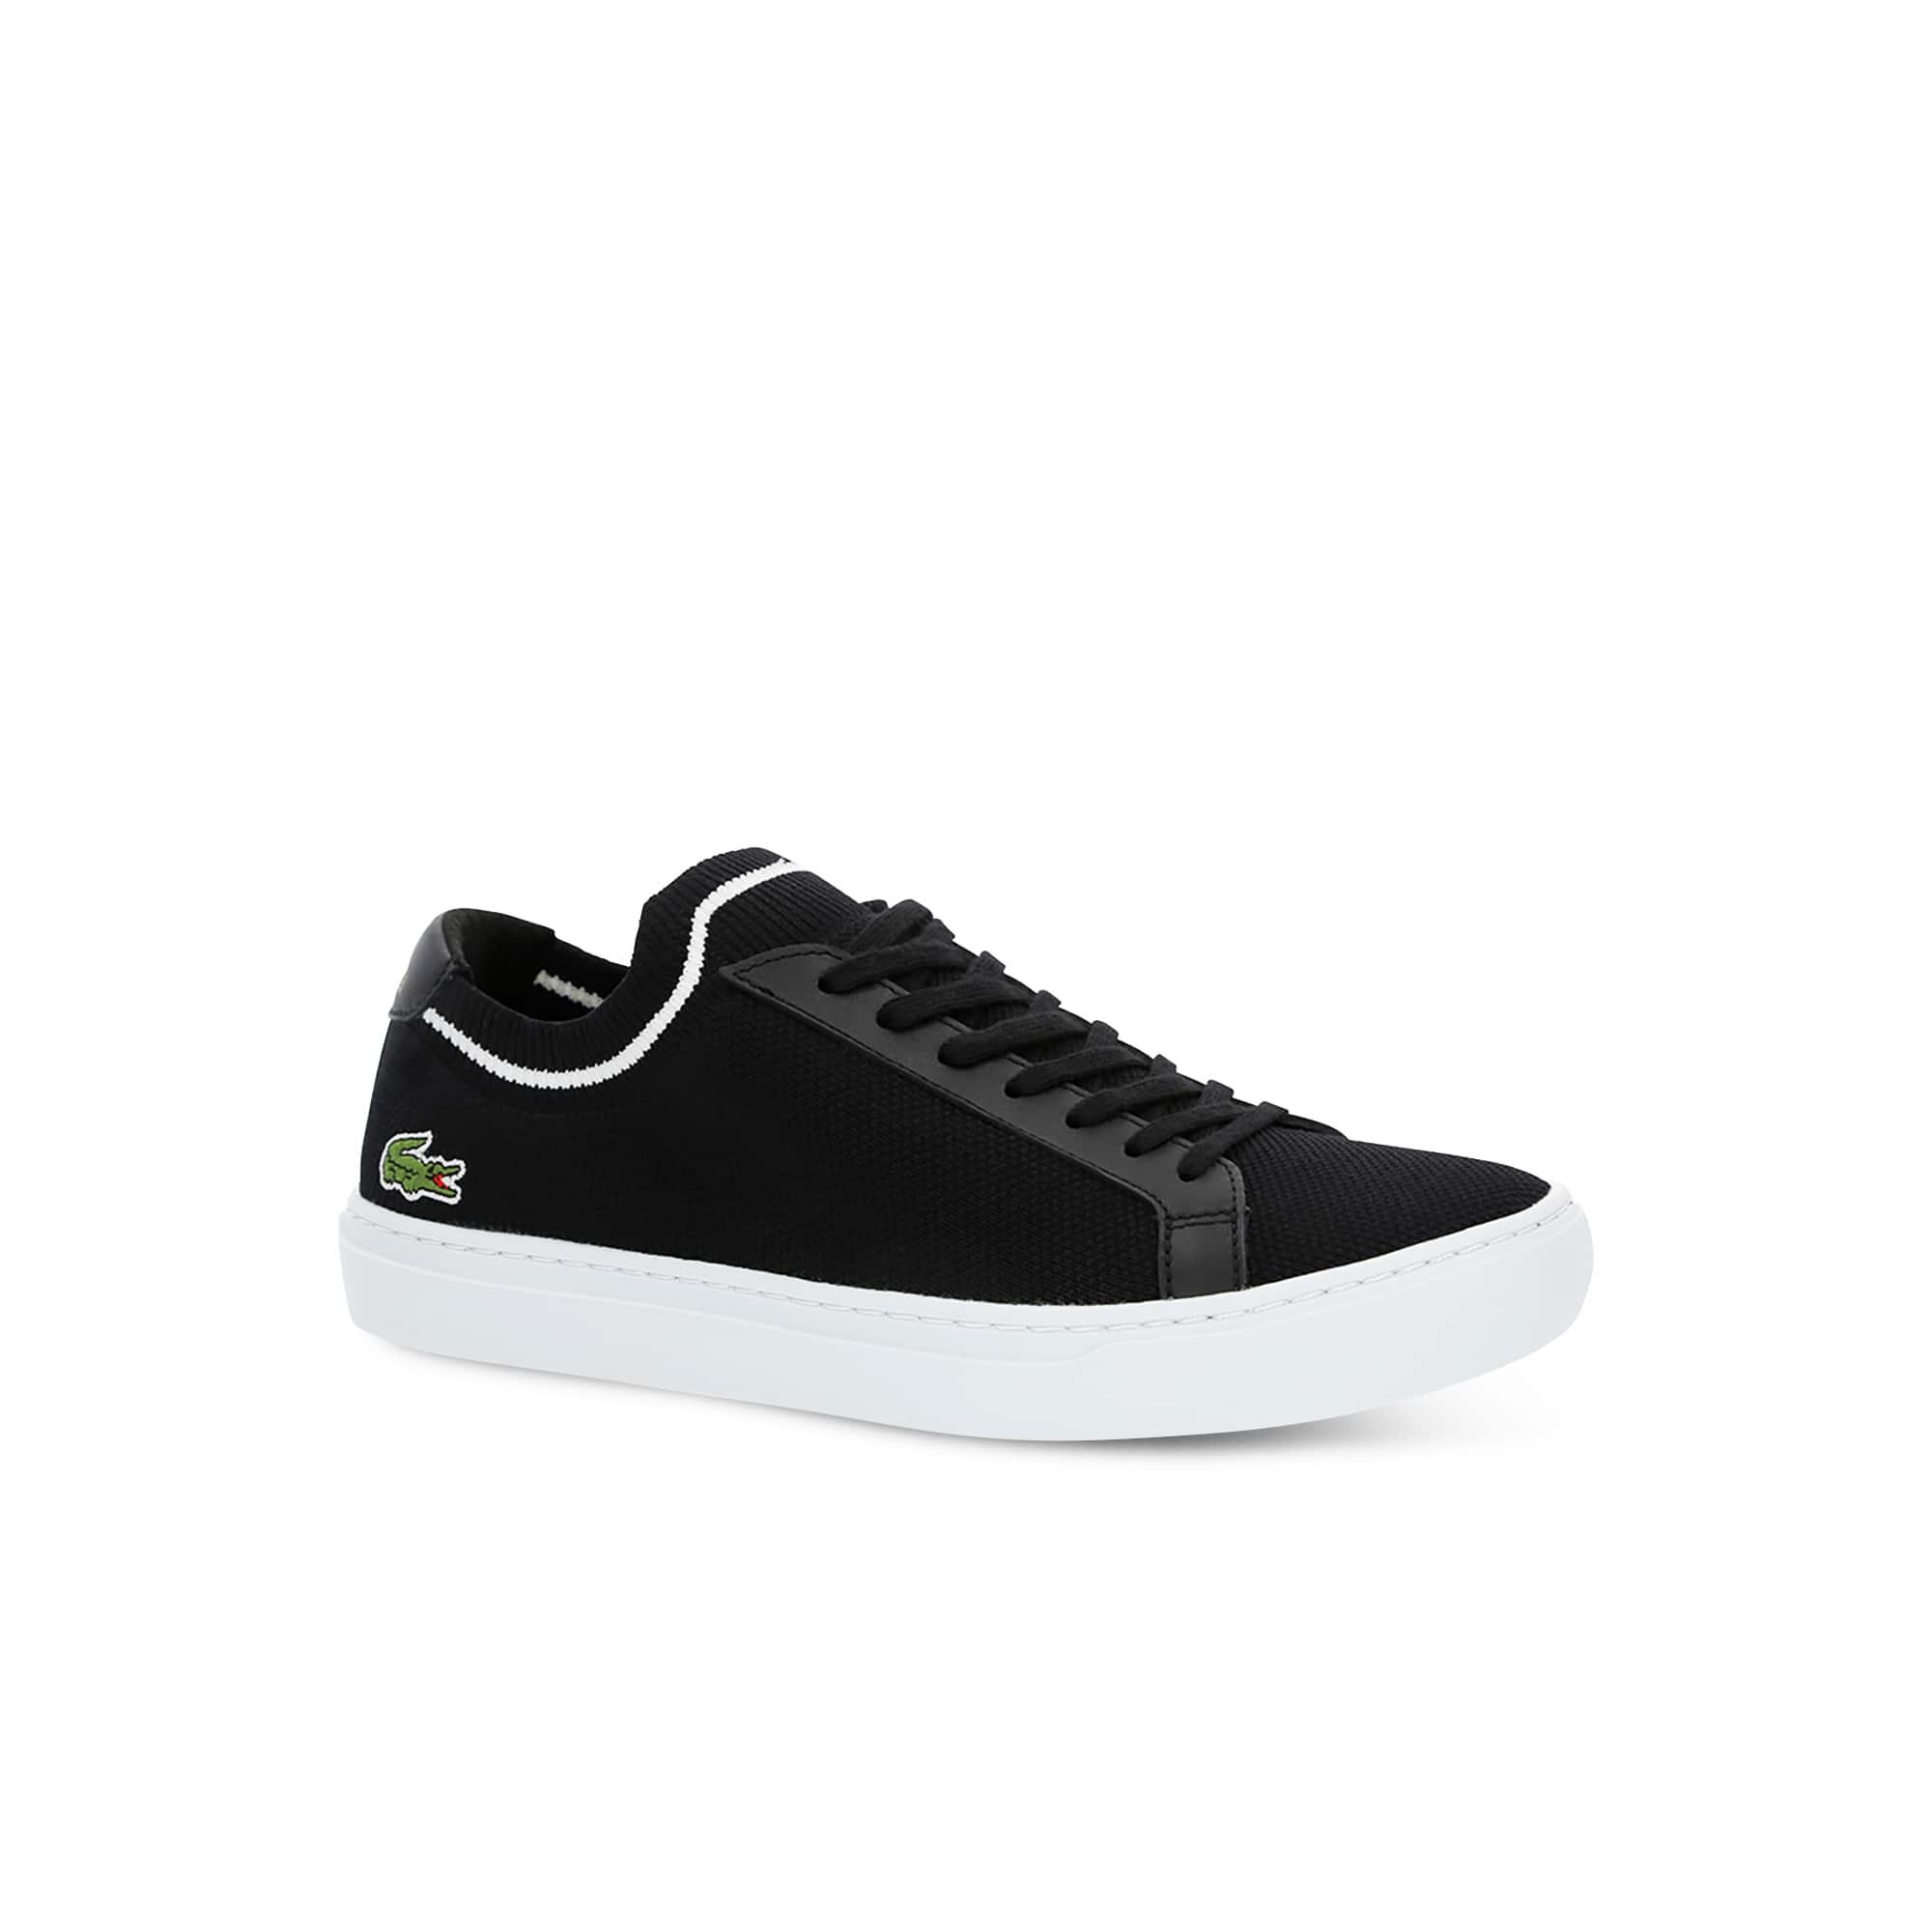 af0da1a4708 Coleção de calçado